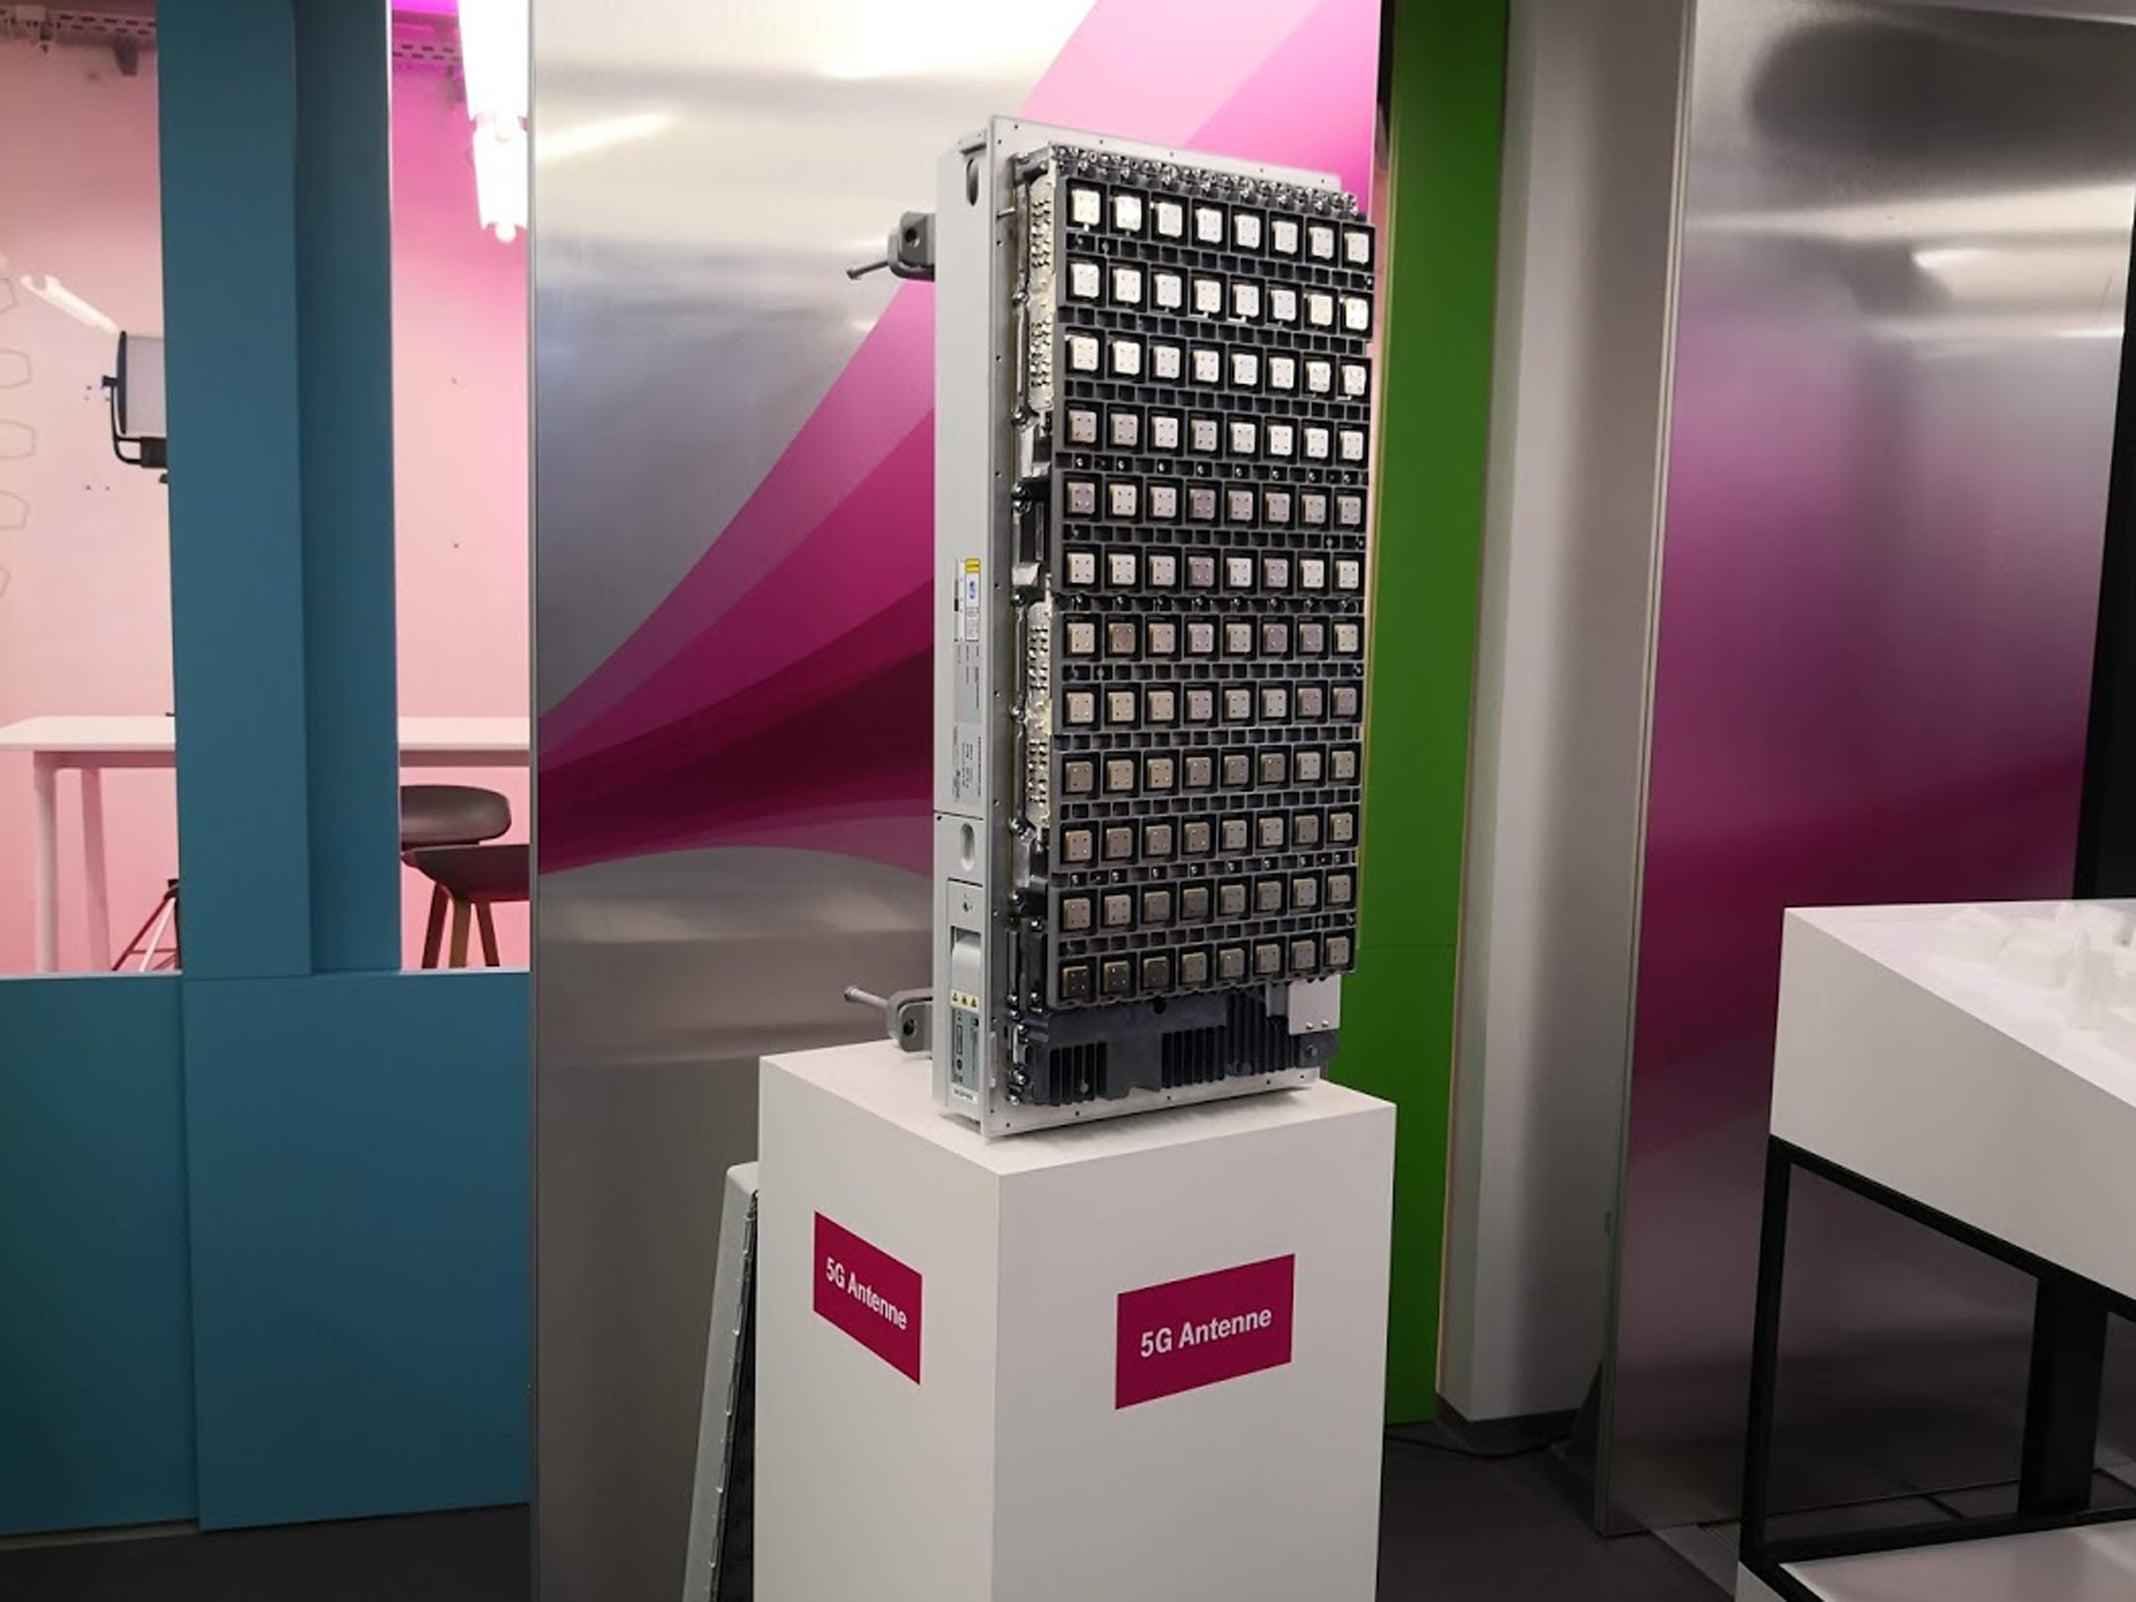 5G-Antenne der Telekom